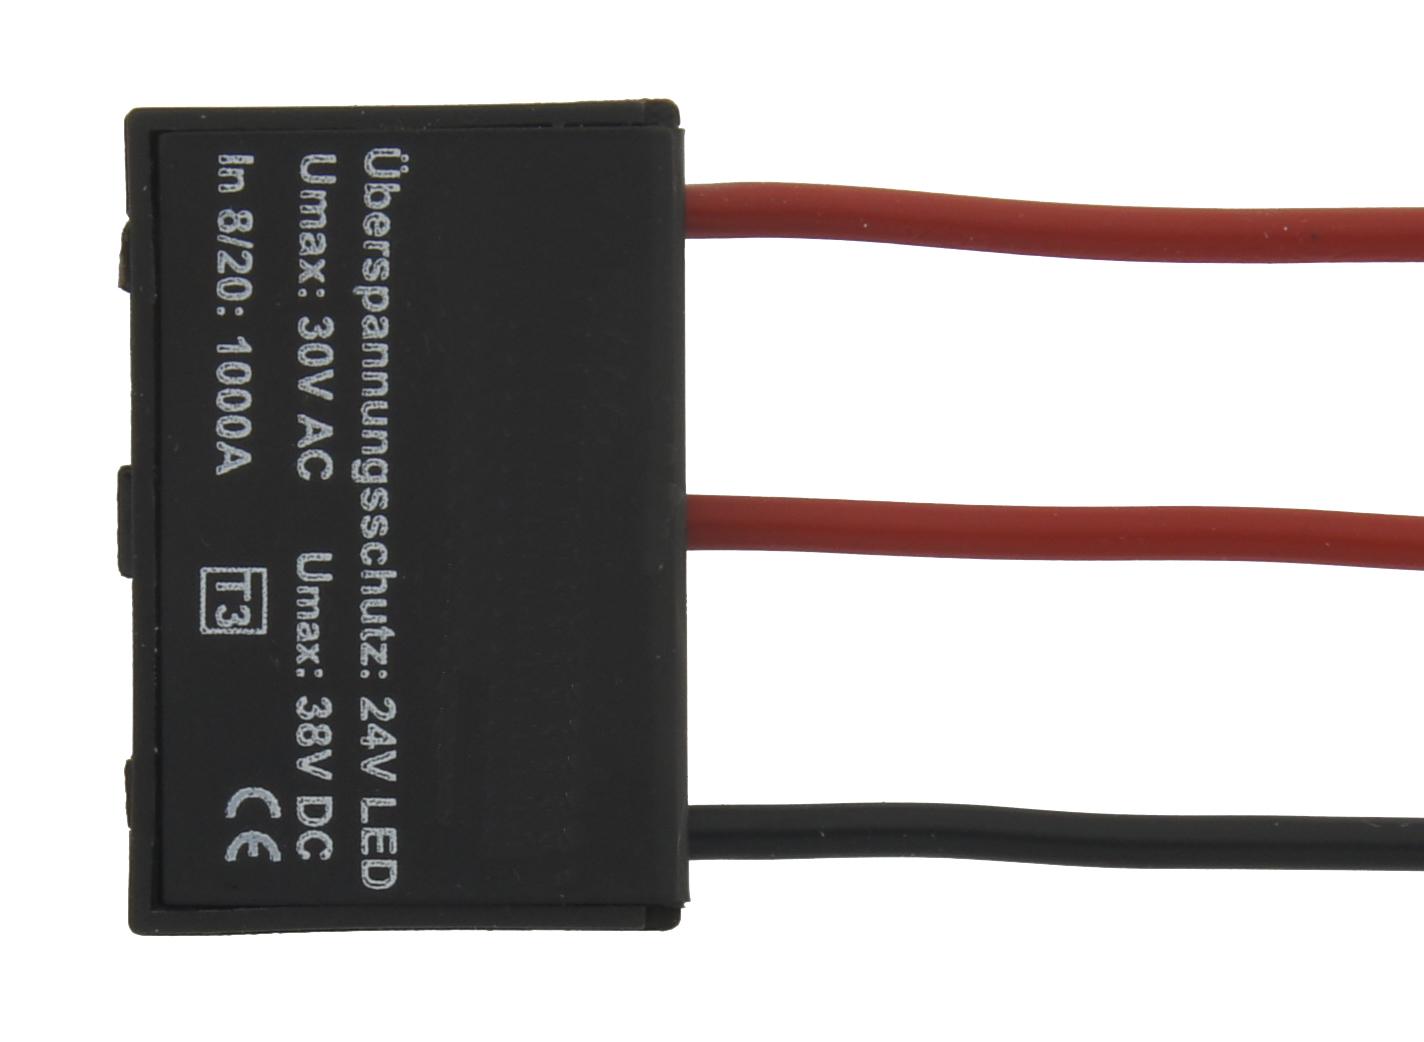 1 Stk Überspannungsschutz 24V für Mono Strips LINZ024001